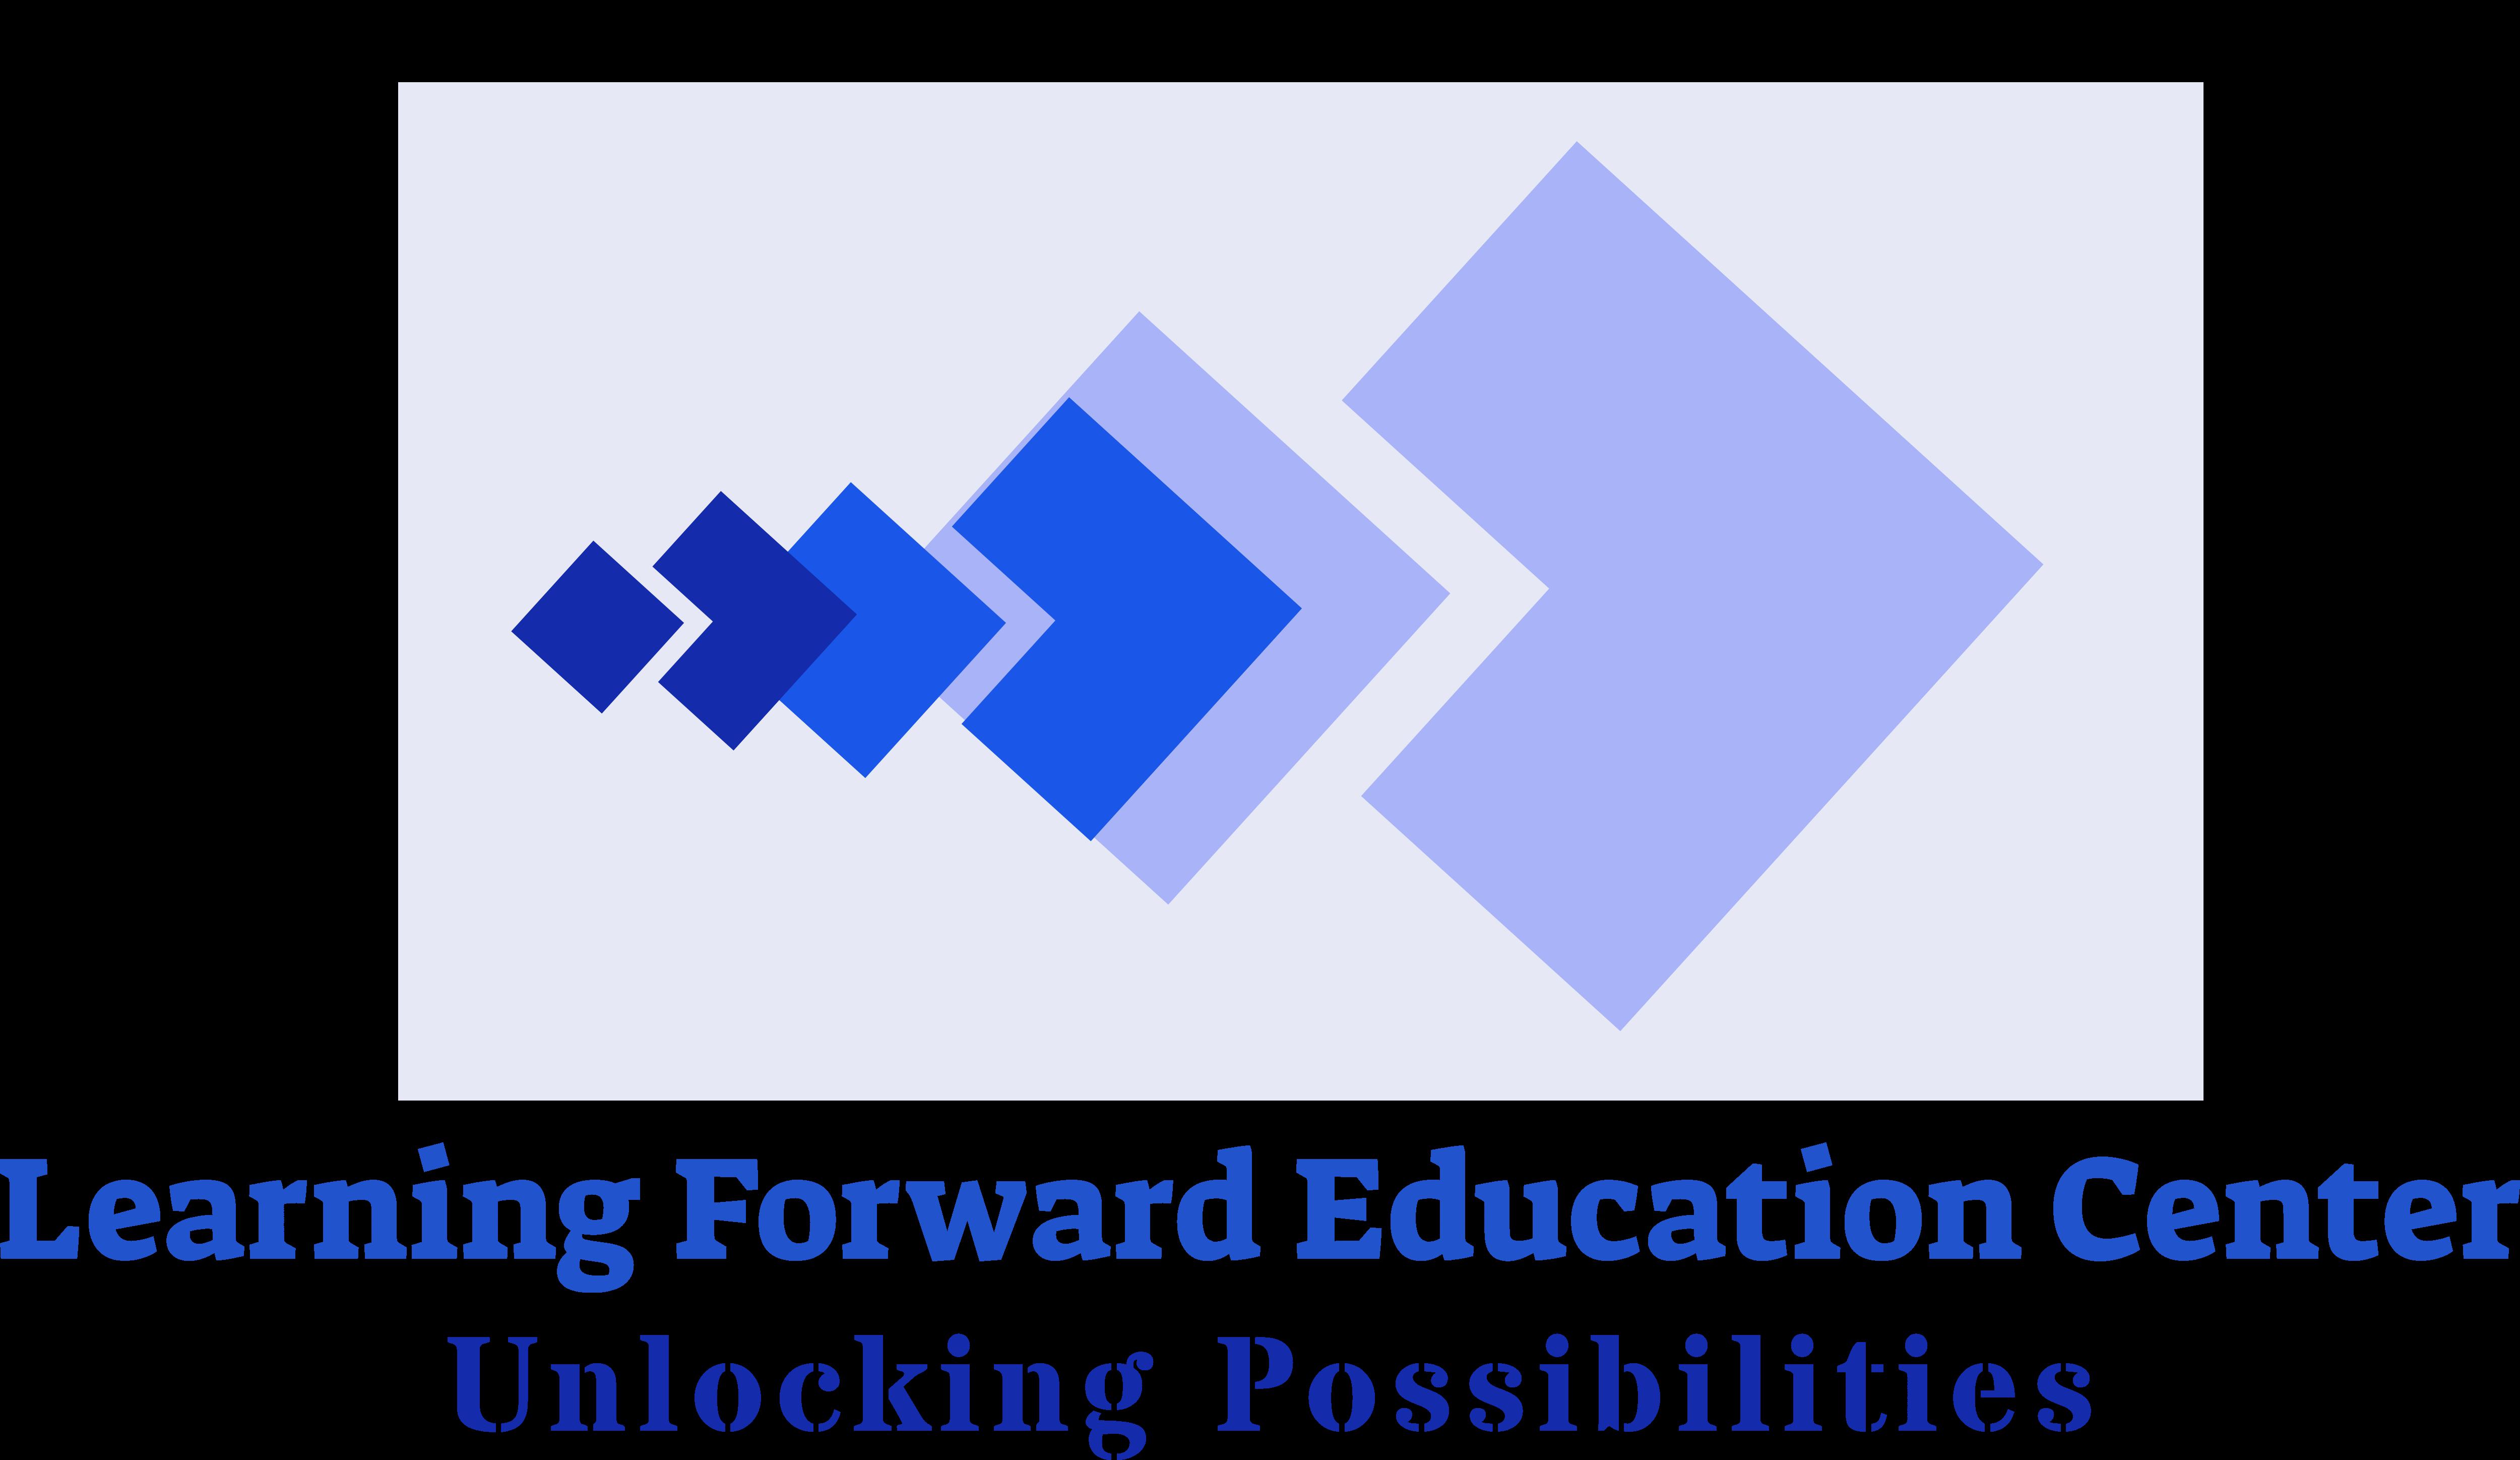 Learning Forward Education Center Logo Full